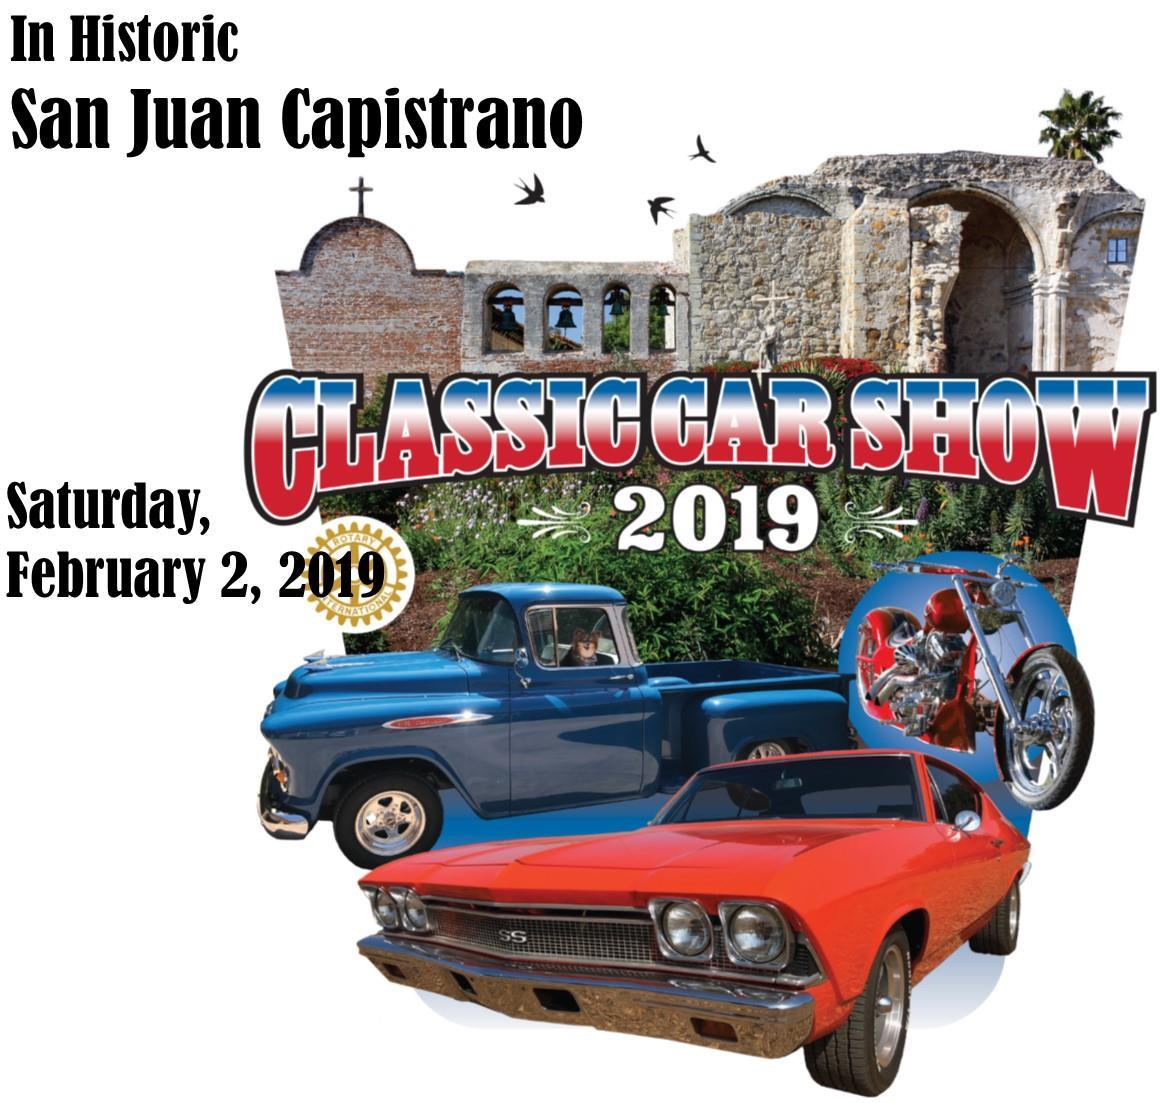 San Juan Capistrano Car Show